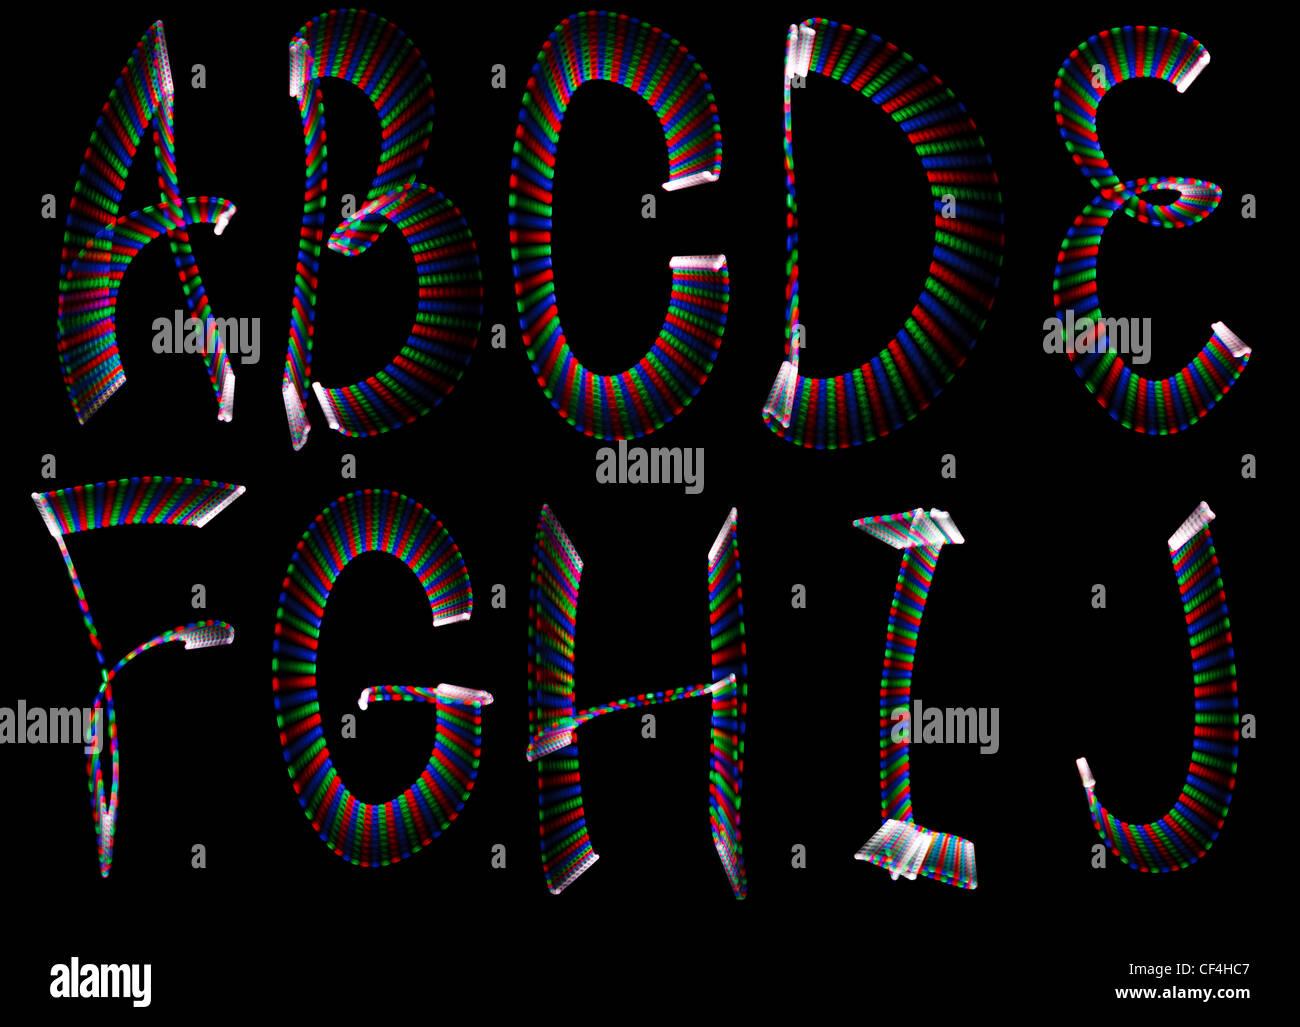 Lettres arc-en-ciel lumineux, une partie de l'alphabet sur fond noir. Isolées. Photo Stock